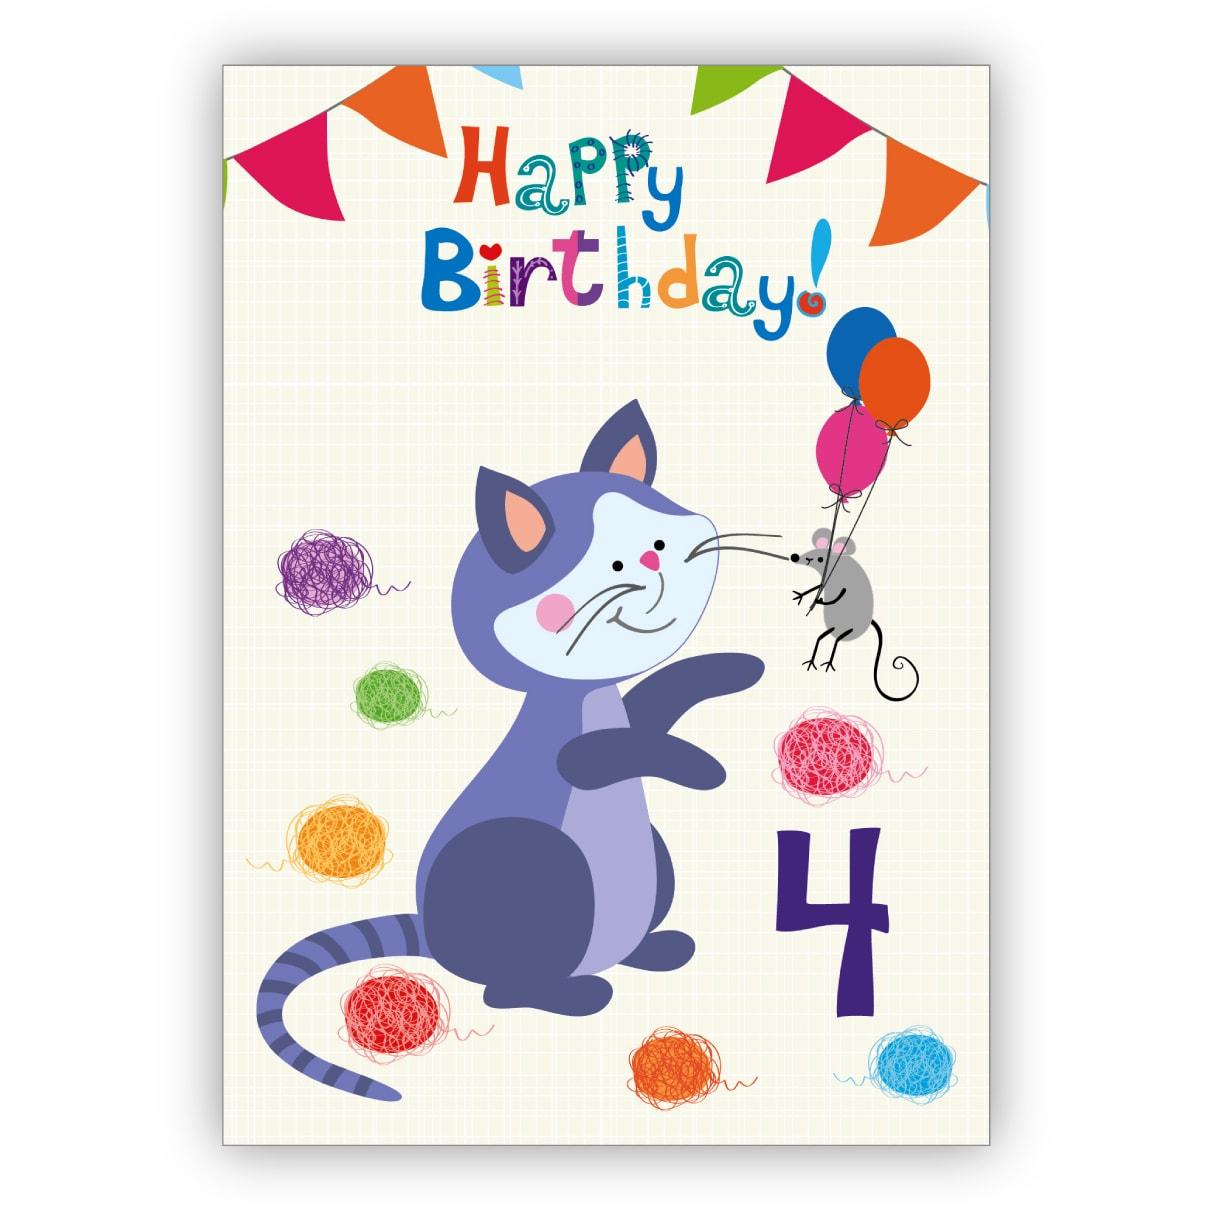 Lustige Kinder Geburtstagskarte Zum 4. Geburtstag Mit Katz Und Maus: Happy  Birthday über Kindergeburtstagskarte